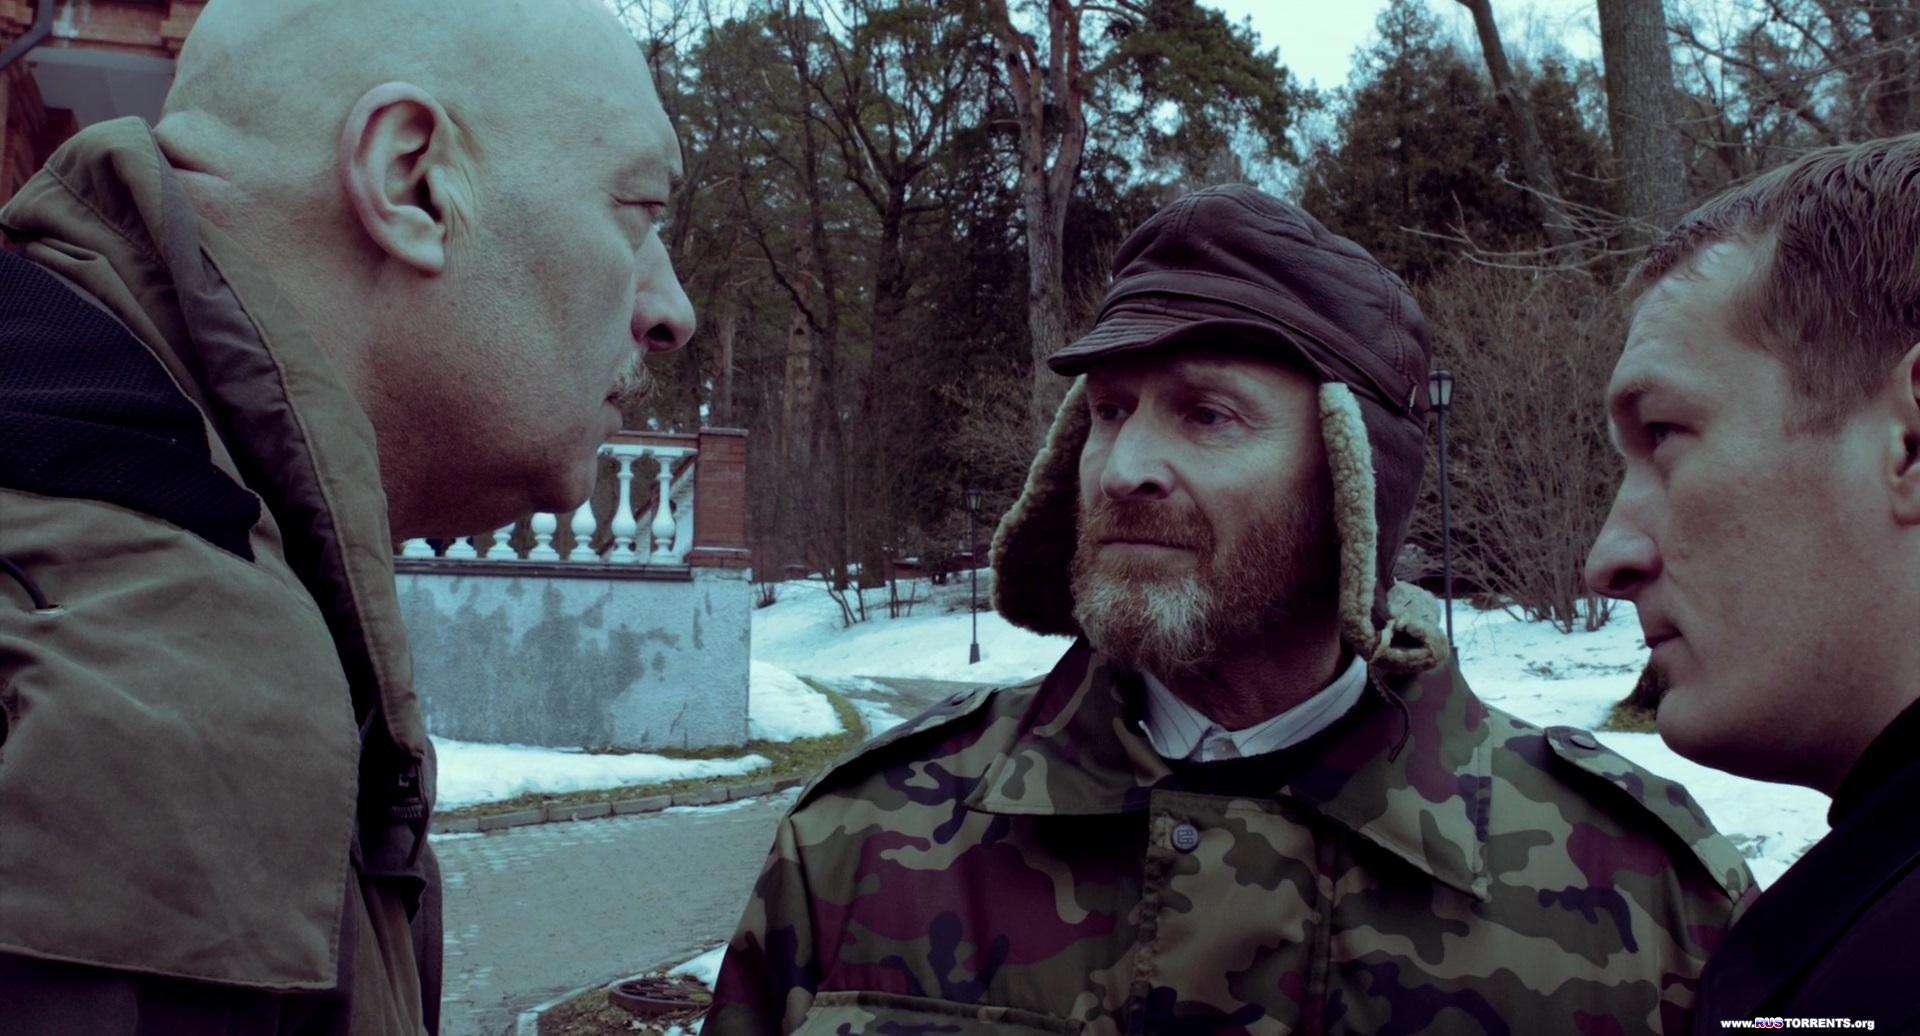 Дубровский | BDRip 1080p